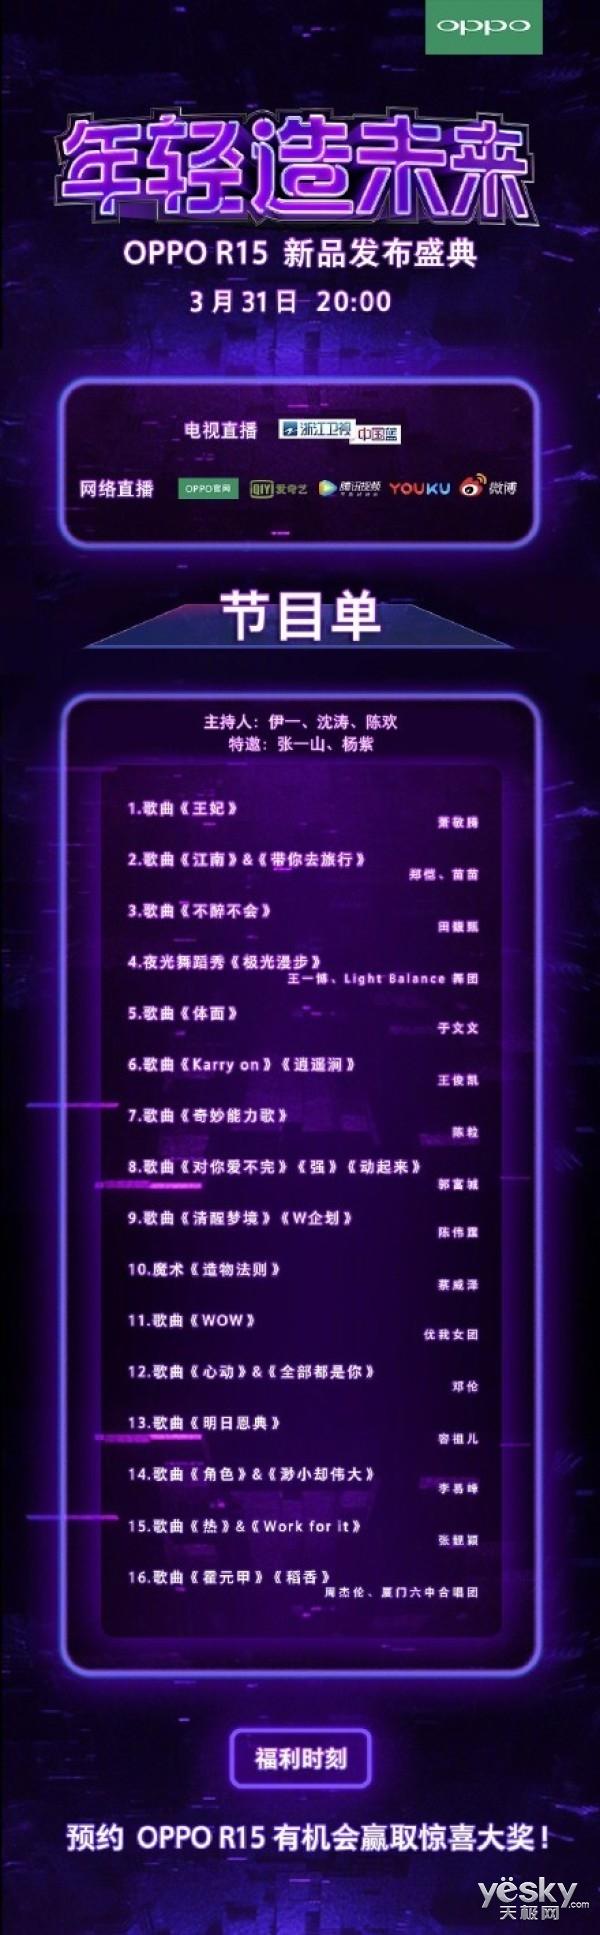 oppo r15浙江衛視發布盛典節目單曝光:周杰倫王俊凱等圖片